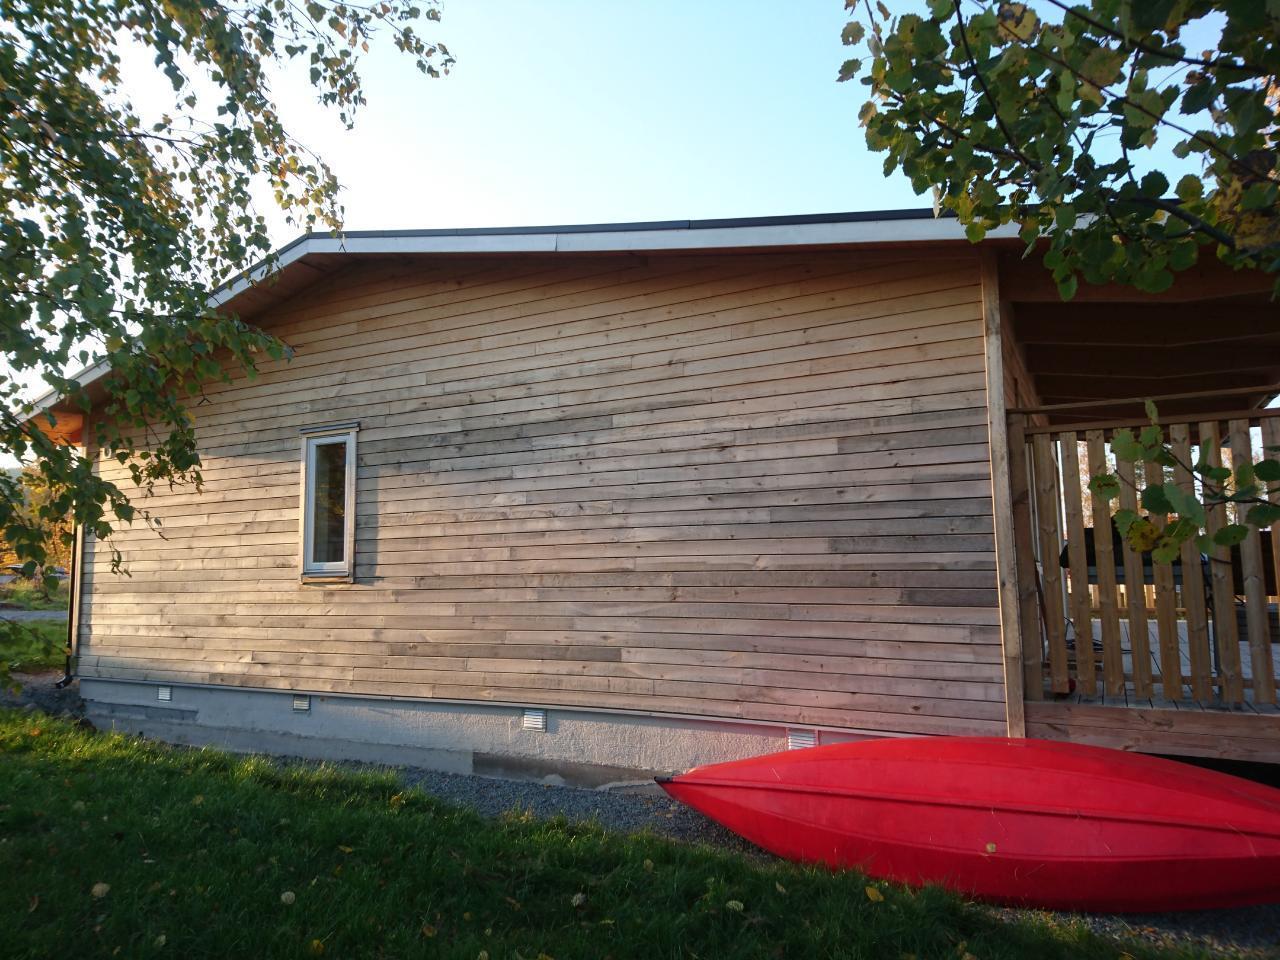 Ferienhaus Haus am Dalslandkanal/ See Laxsjön (2549266), Dals Långed, Västra Götaland län, Westschweden, Schweden, Bild 13